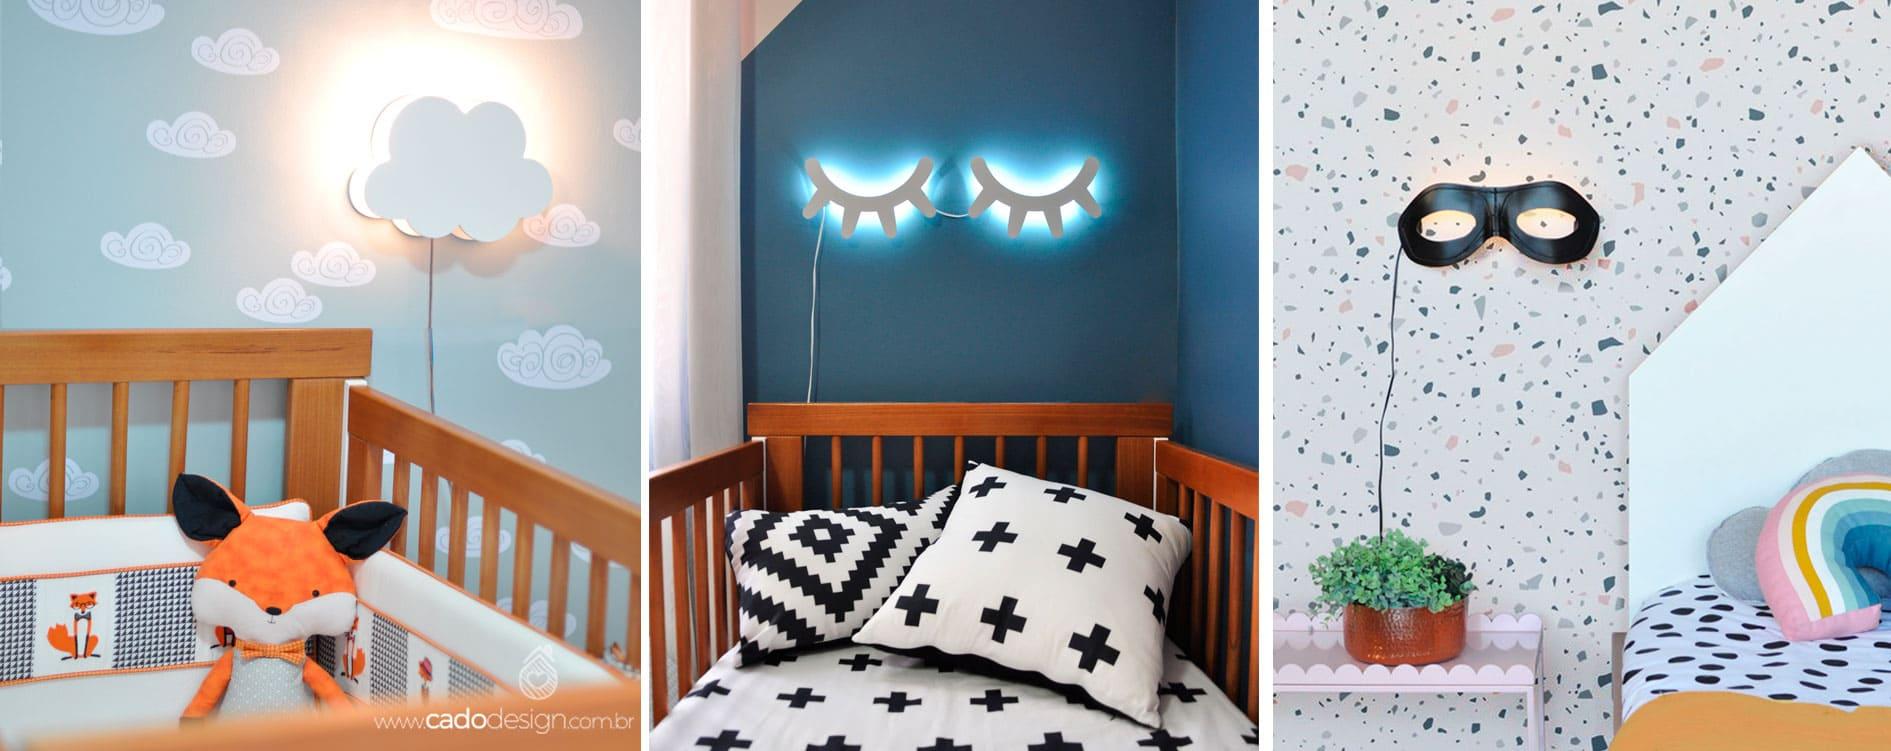 Imagem ilustrativa de ambientes decorados com produtos da Cadô Design, como a luminária Nuvem e cílios.